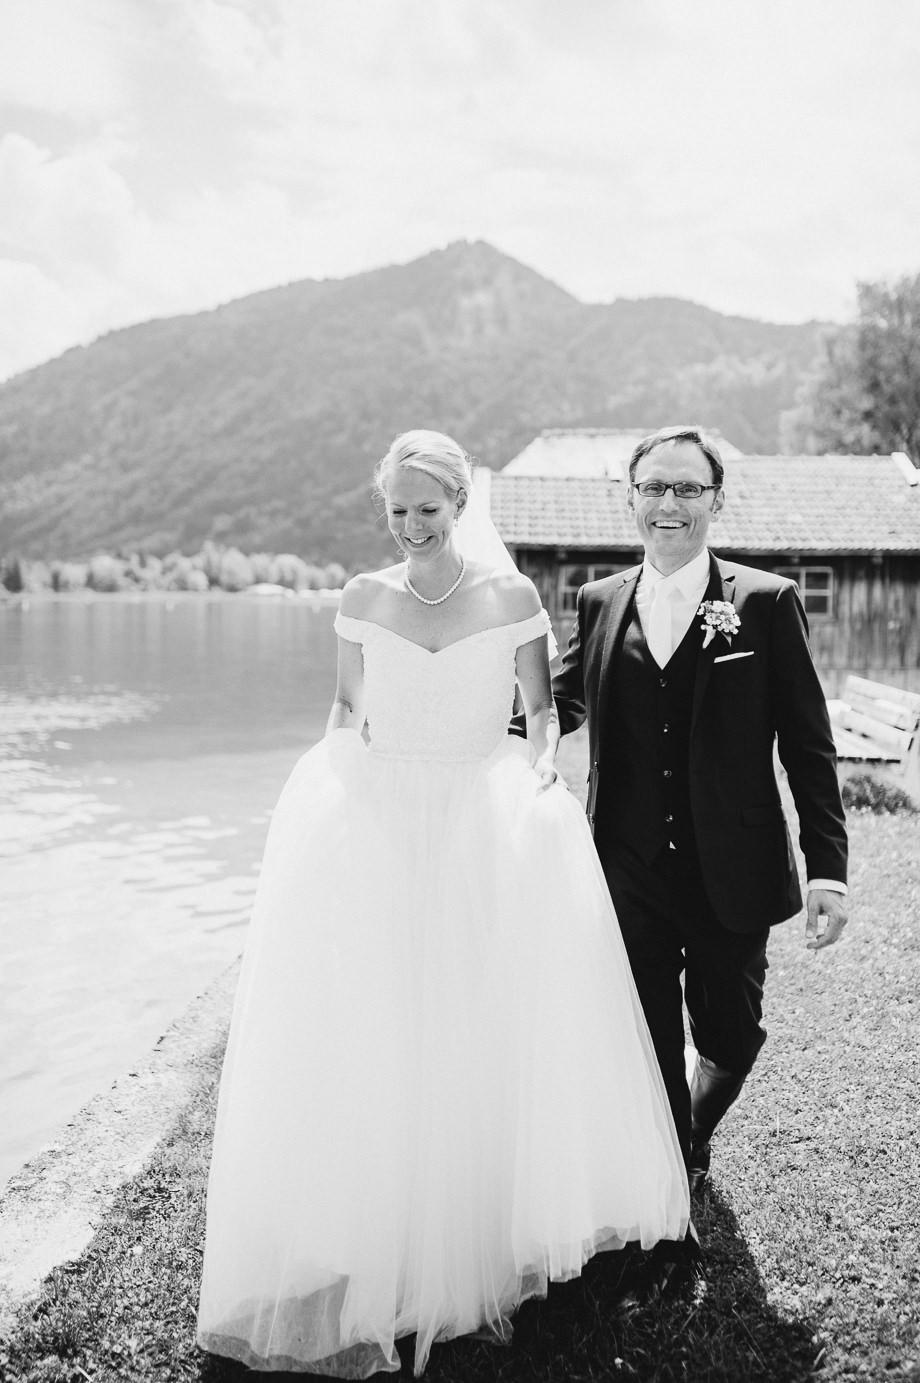 Hochzeit_Tegernsee_Lauraelenaphotography_Lake_Wedding_Freihaus_Brenner_Mountainwedding_Sommerhochzeit_NewYork_Seeblick_048